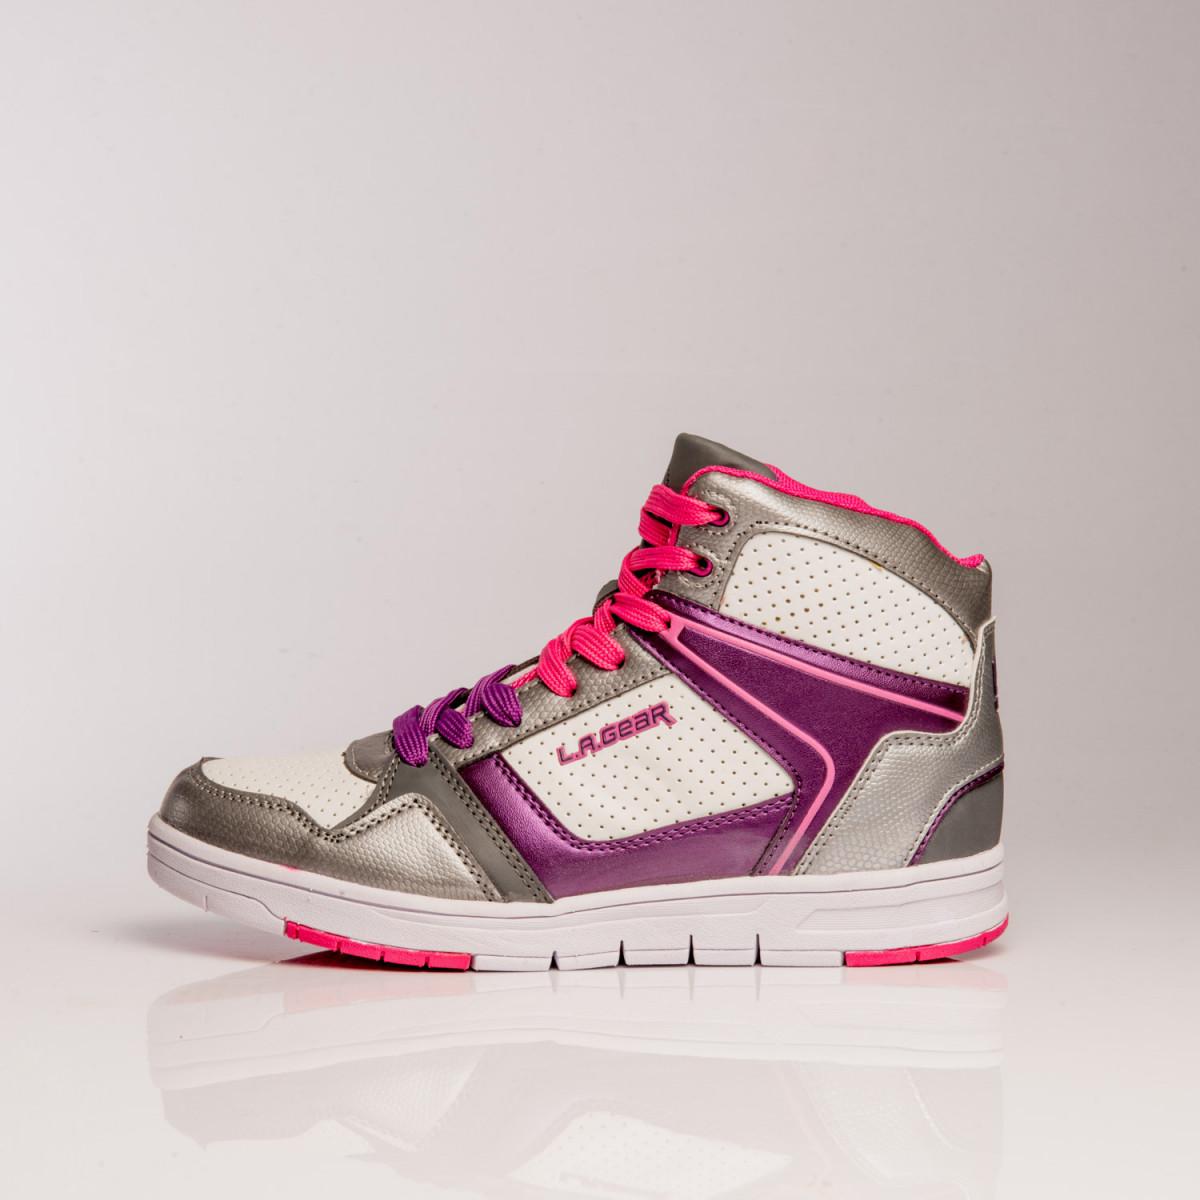 Zapatillas La Gear Trendy Lite Hi Women